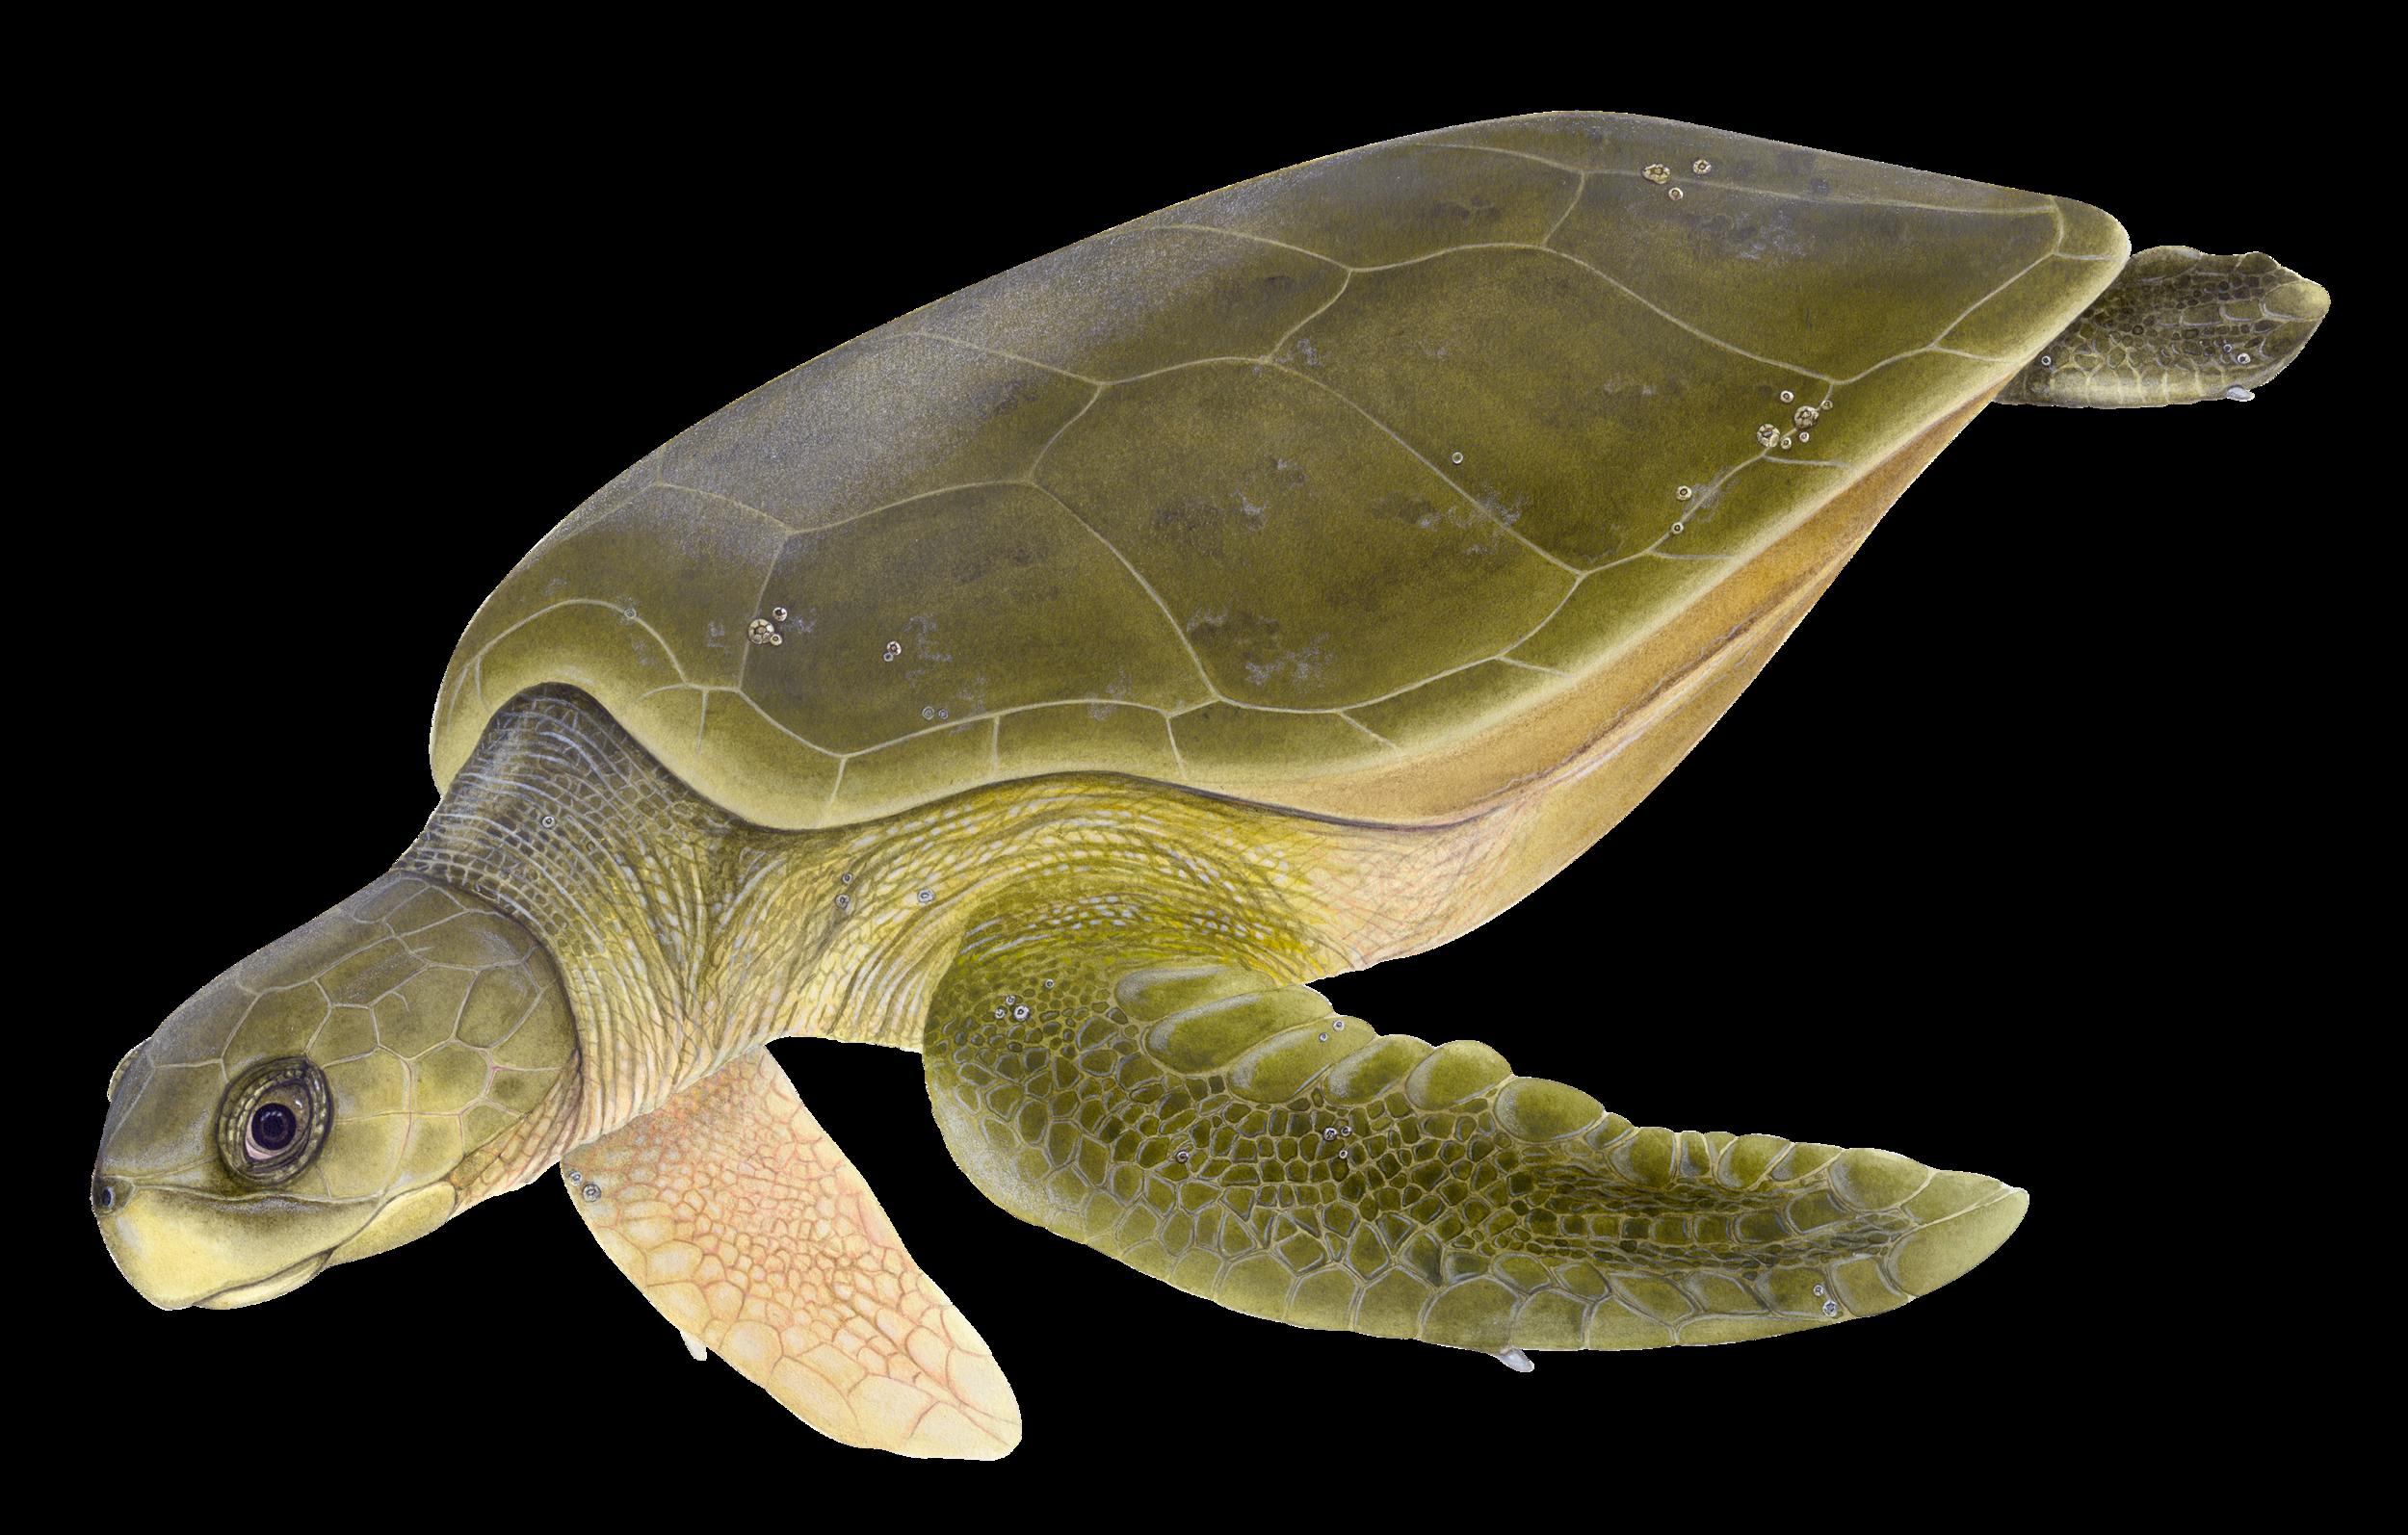 Adult Flatback Sea Turtle